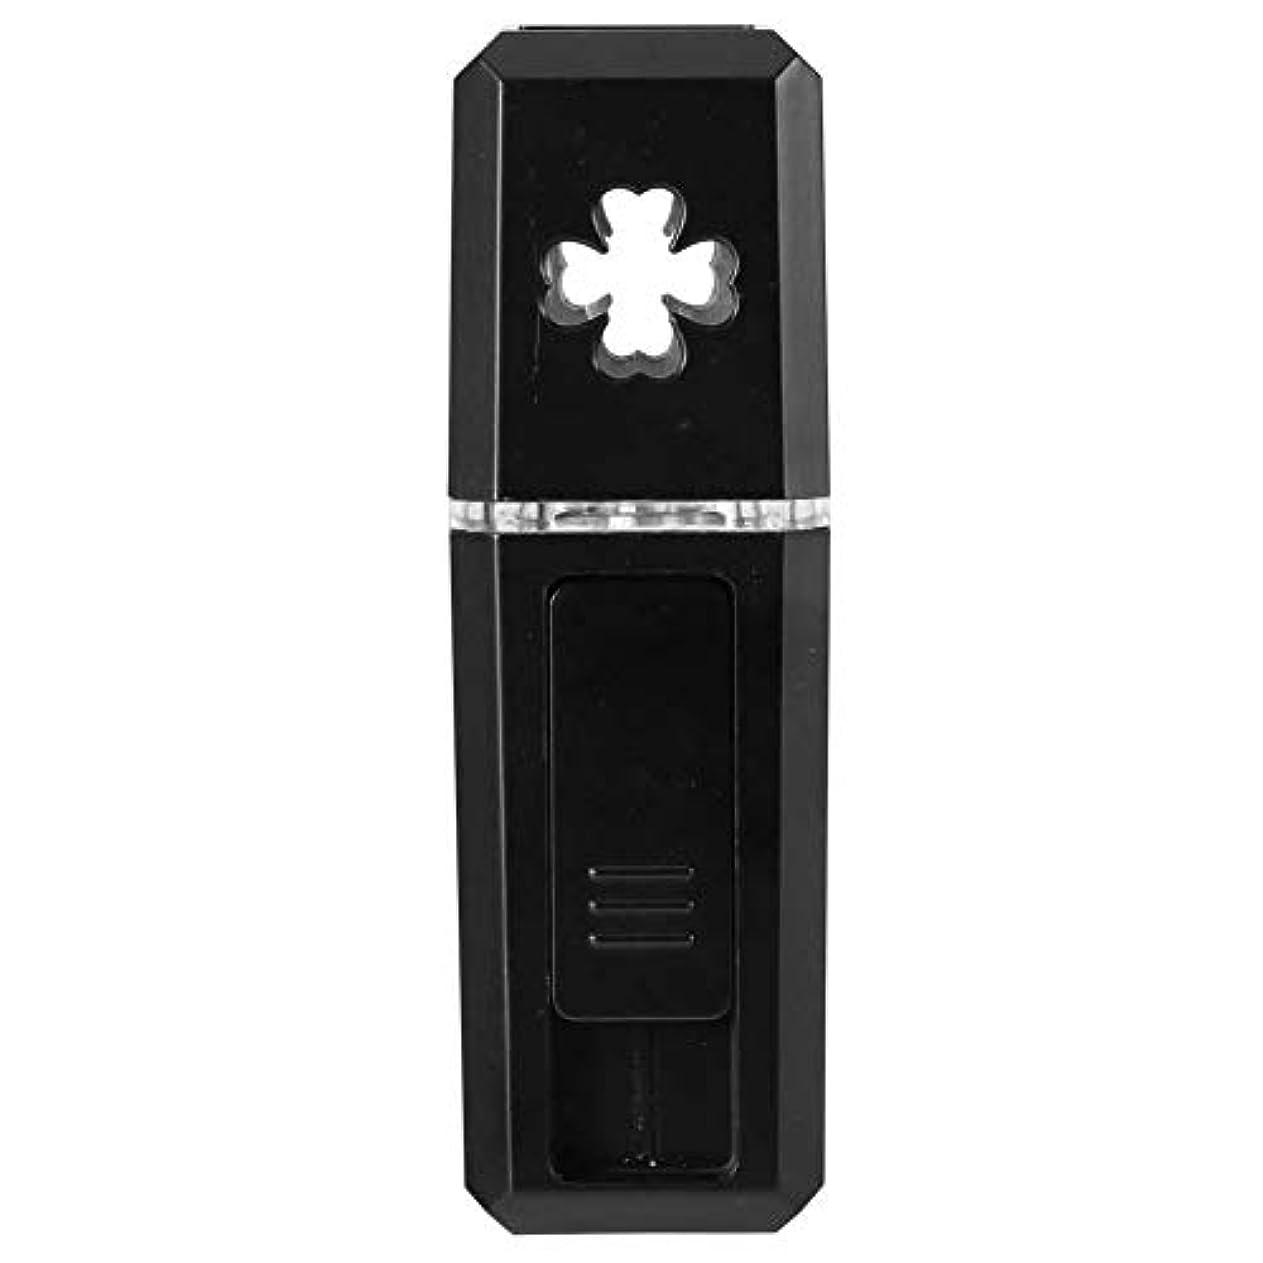 先祖感じる感じる20ml口紅サイズミスト噴霧器、USB充電で保湿する便利なナノ噴霧機(02)